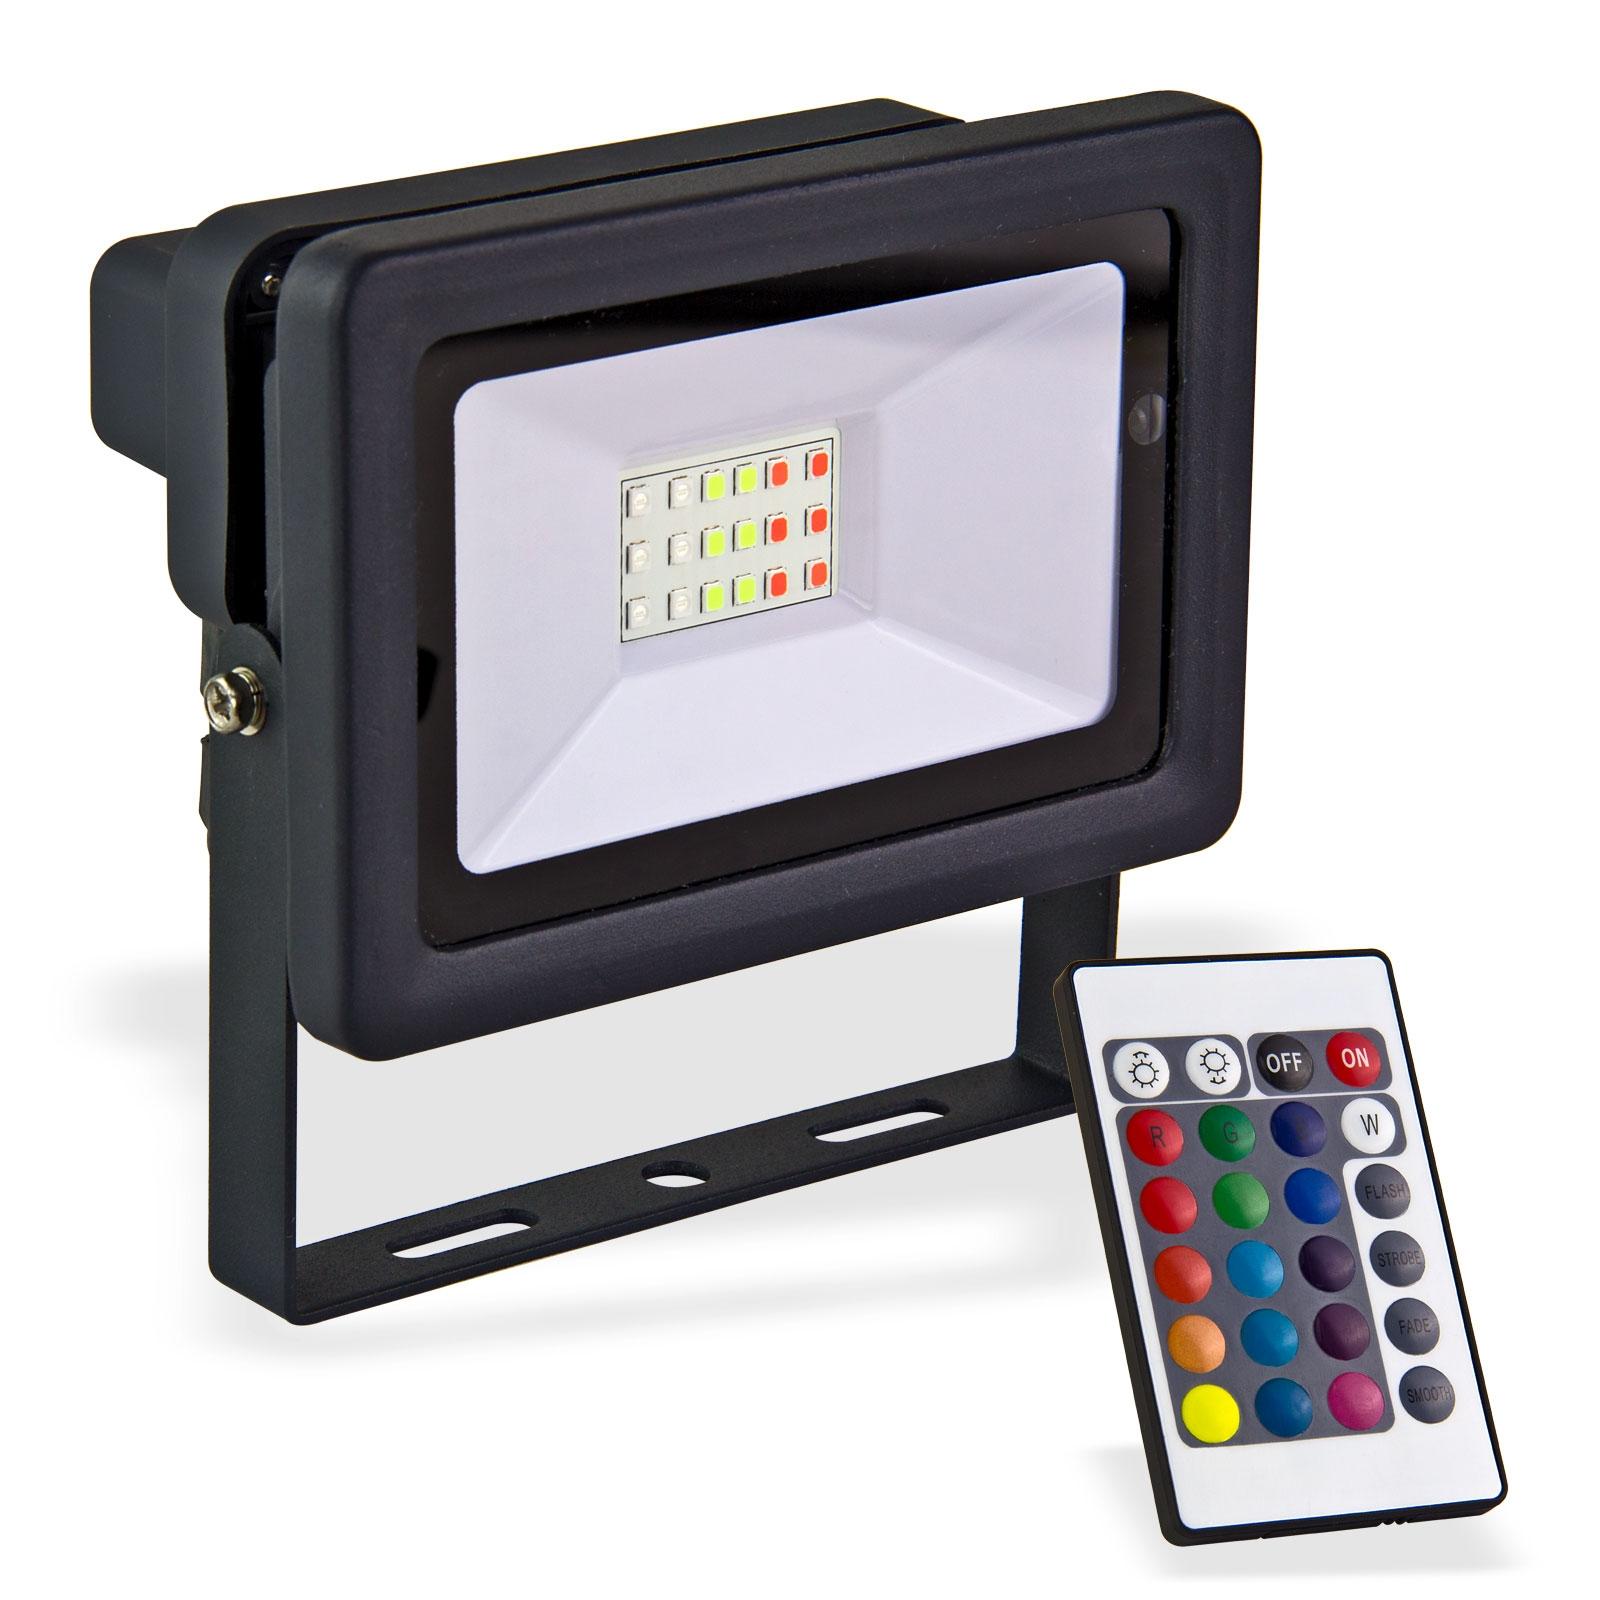 Dema LED-Strahler bunt 20 W Strahler Bunt Baustrahler Flutlicht LED 90066